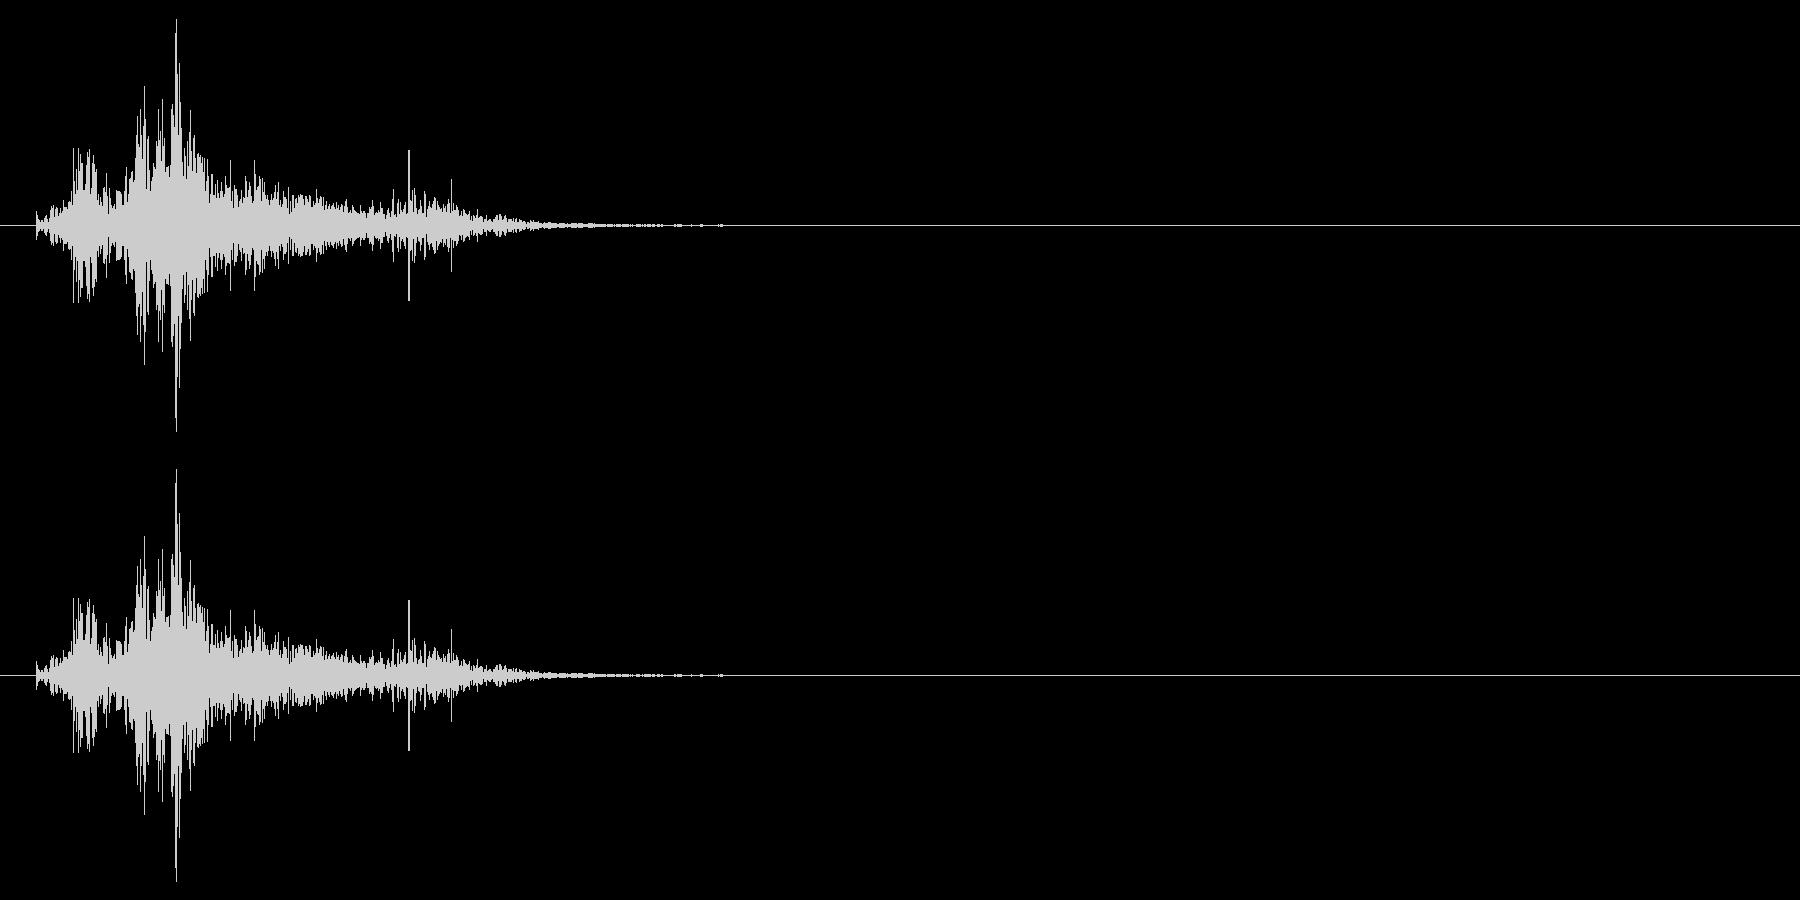 ドサッ(人が倒れる音)02の未再生の波形